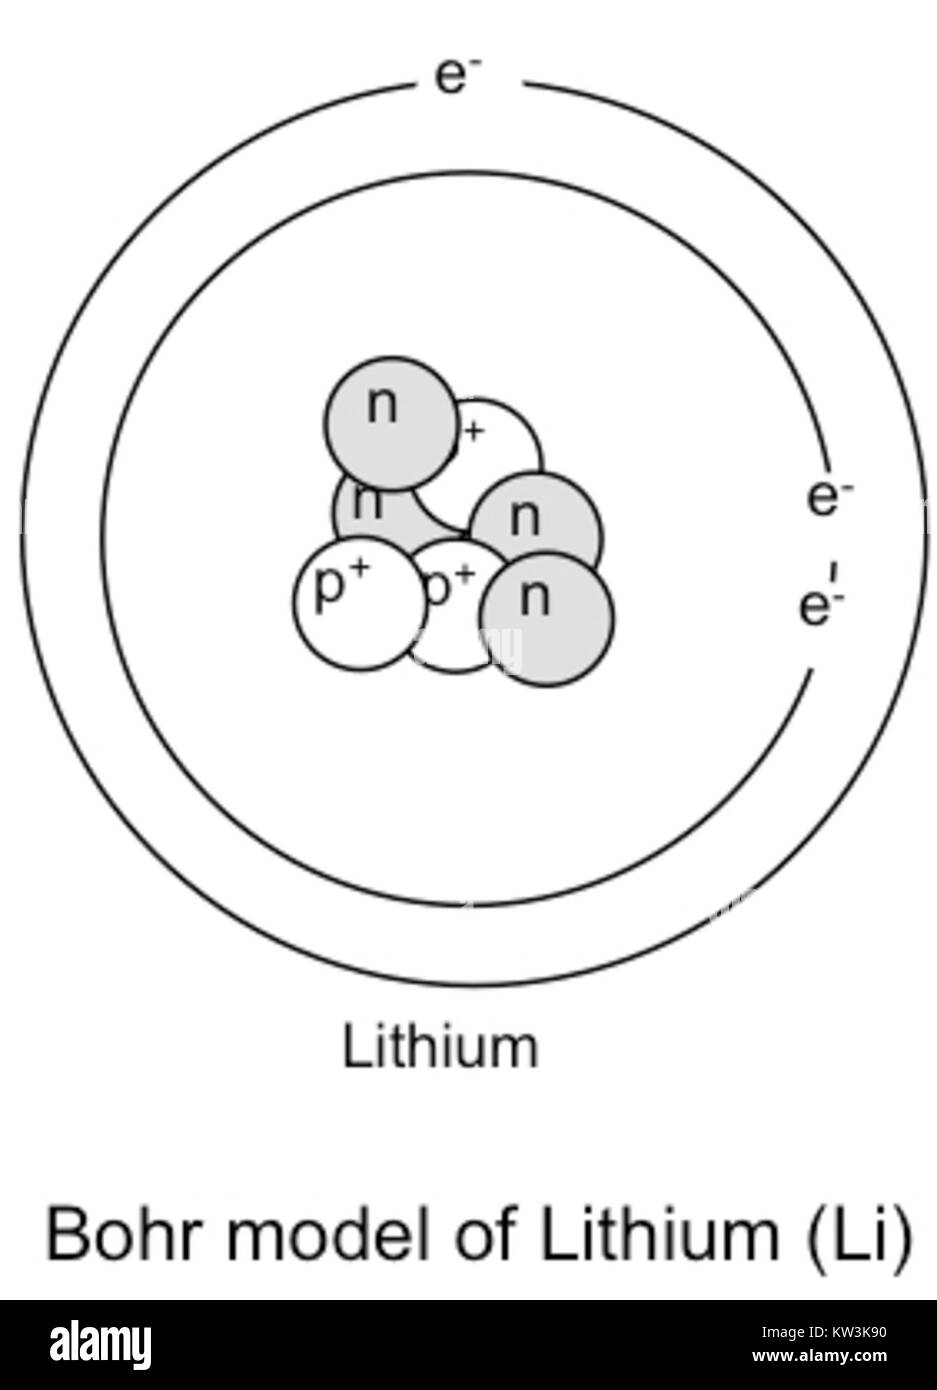 Lithium Bohr Diagram.Bohr Model Of Lithium Stock Photo 170340716 Alamy